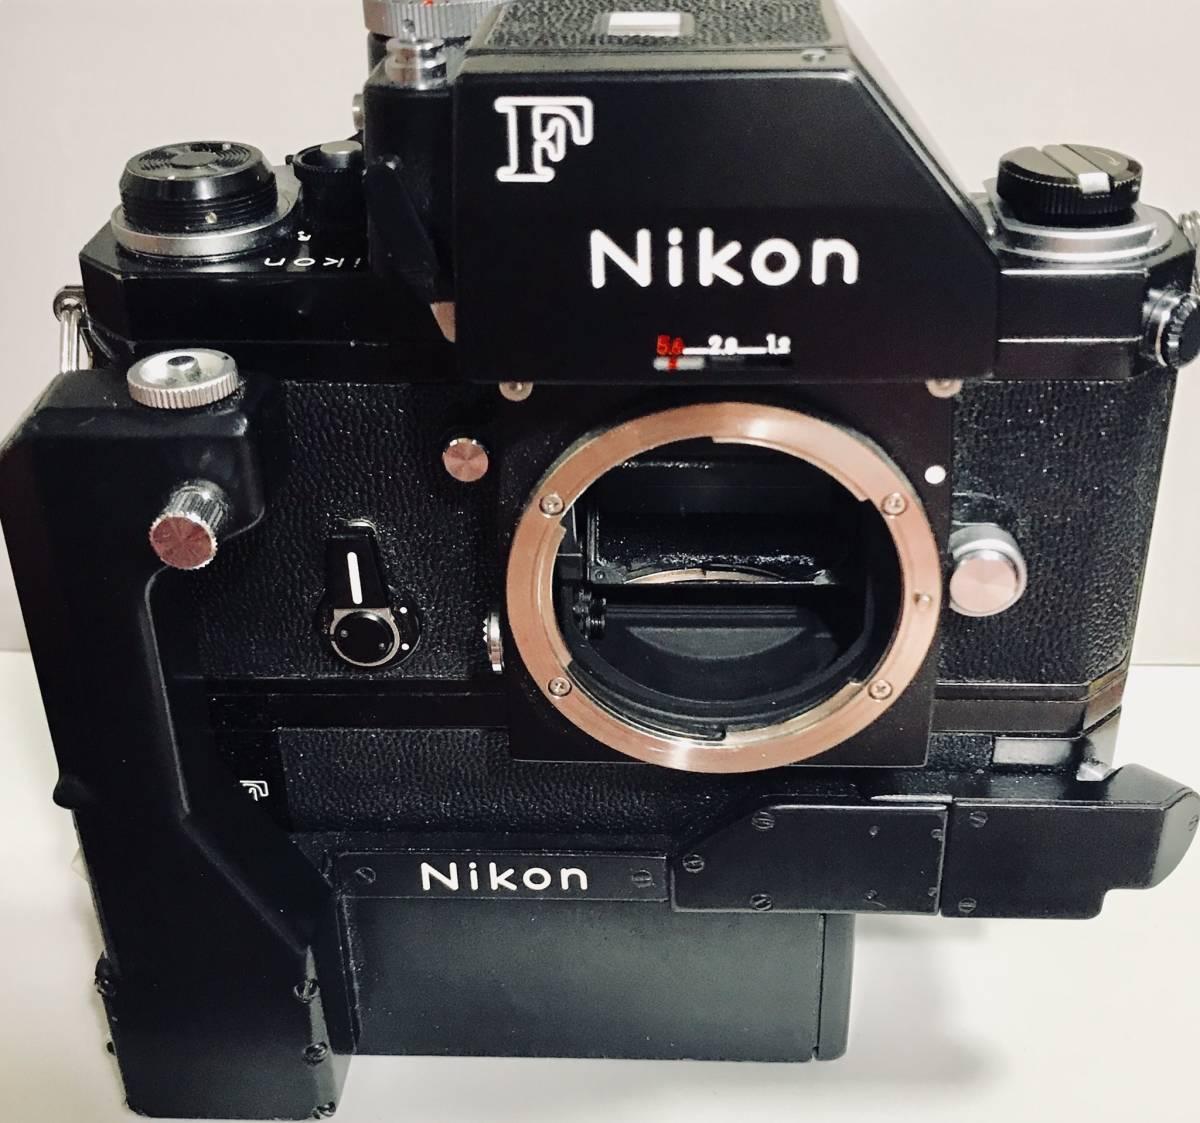 ニコンF FTN モータードライブF-36付き★ブラック★最後期型★キィートスで全てオーバーホール済み